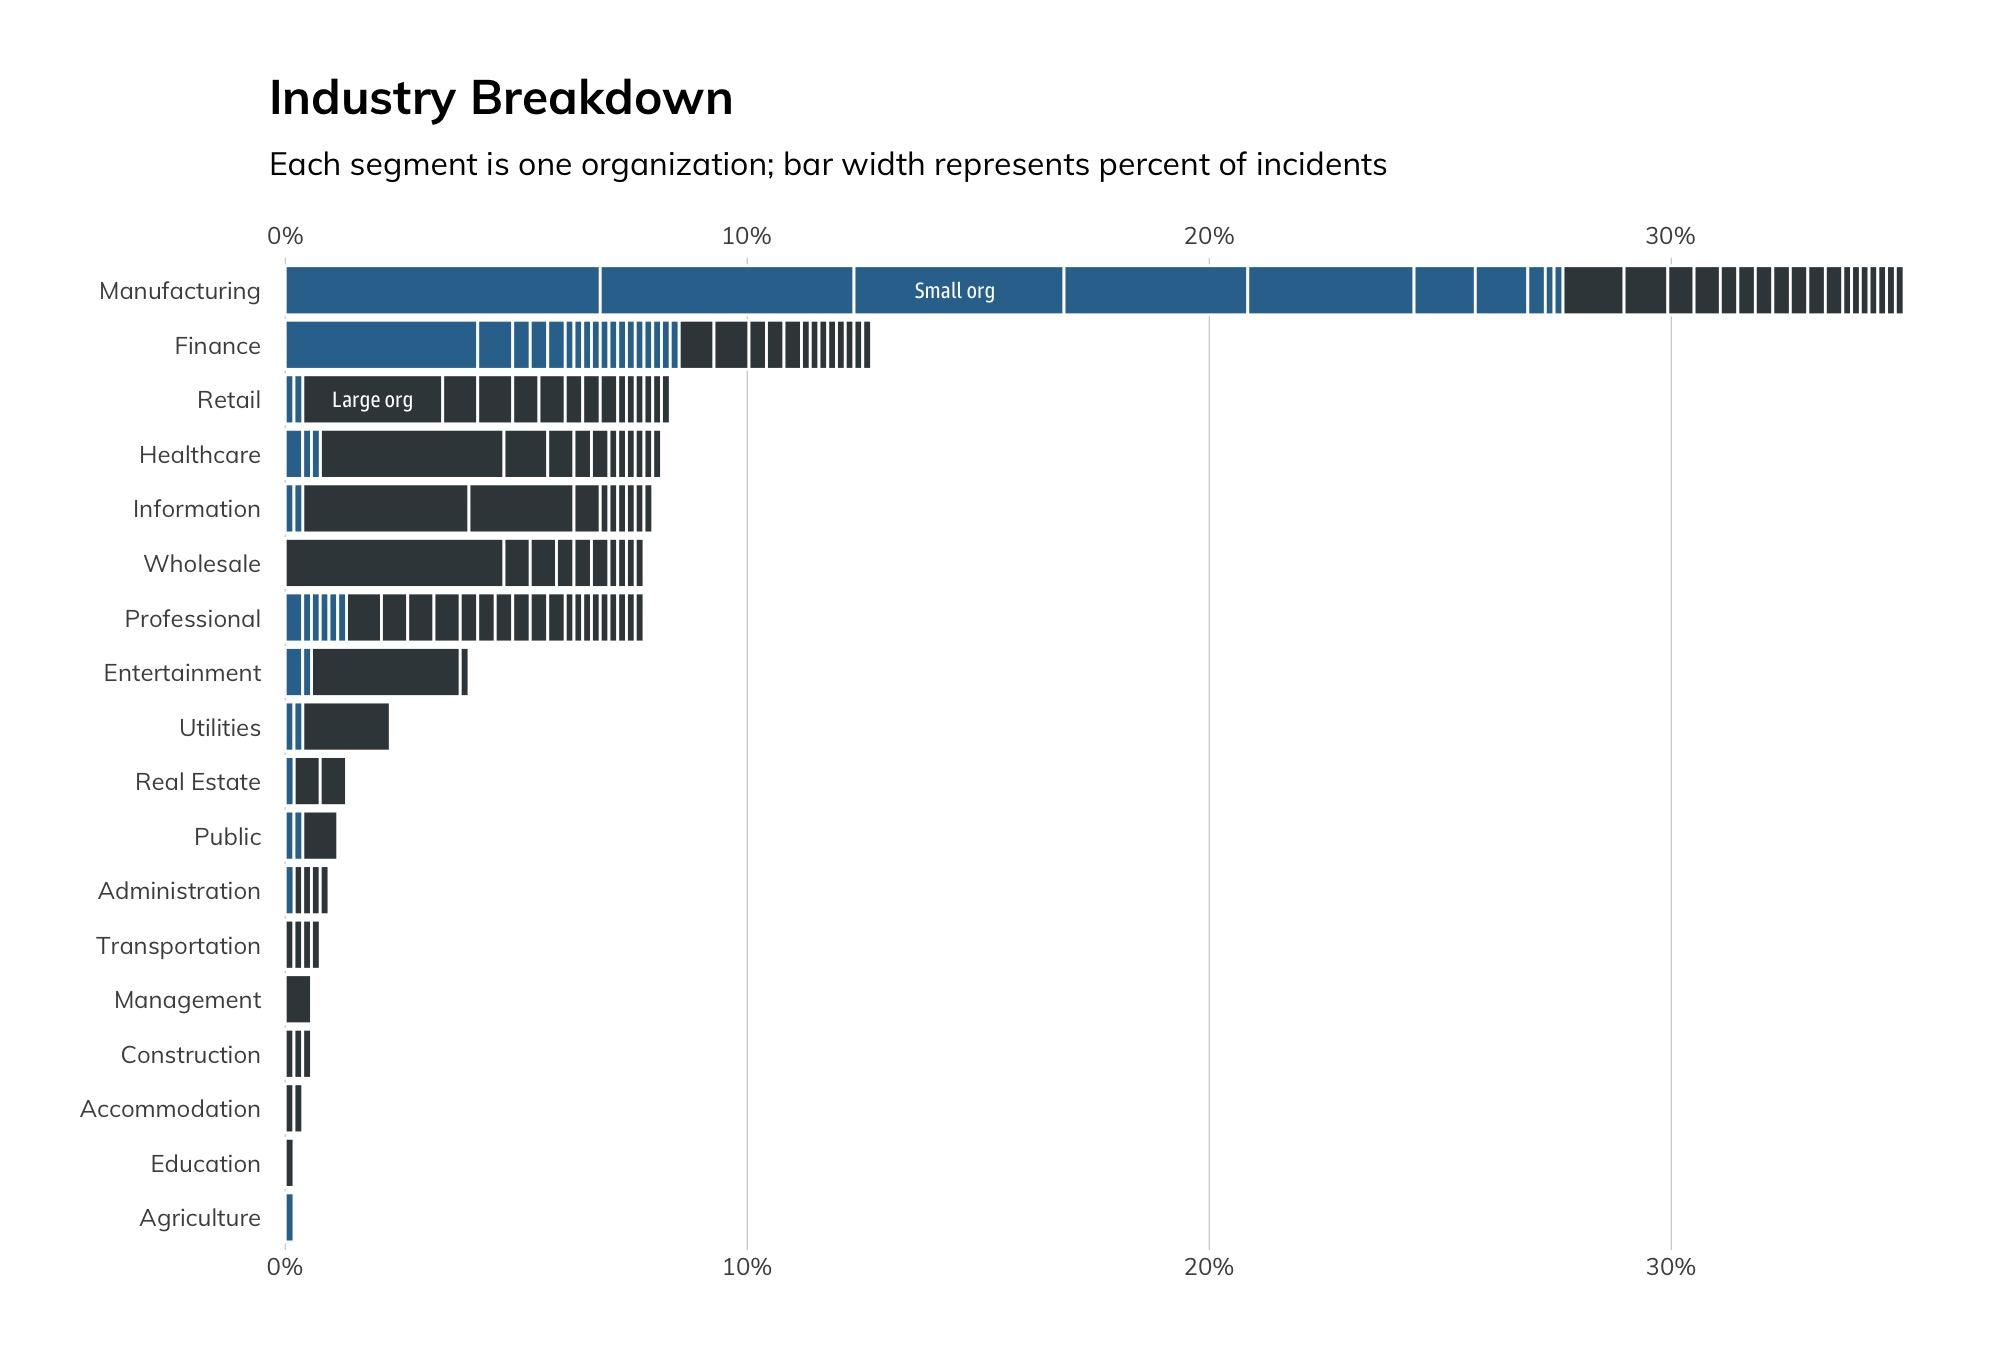 Figure 5: Industry Breakdown